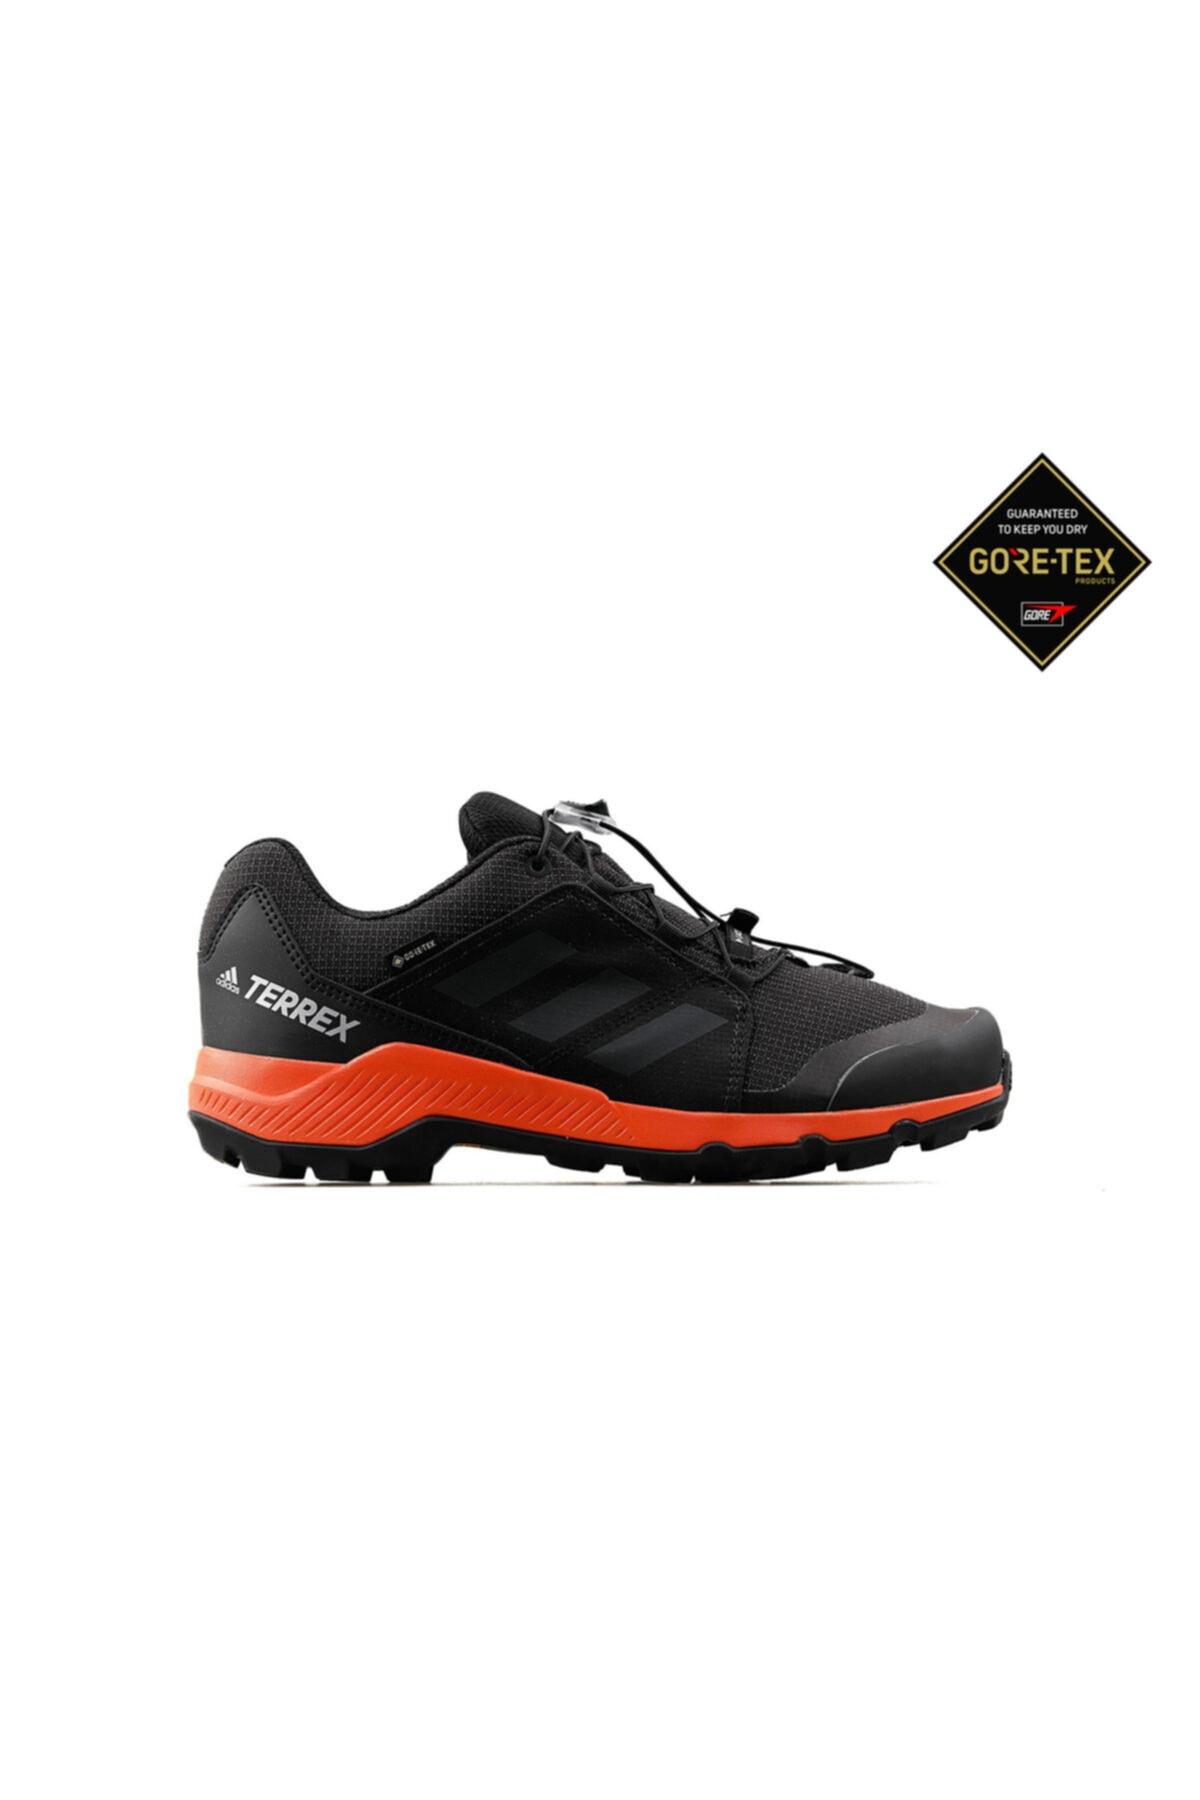 Genç Outdoor Ayakkabısı Bc0598 Siyah Terrex Gtx K